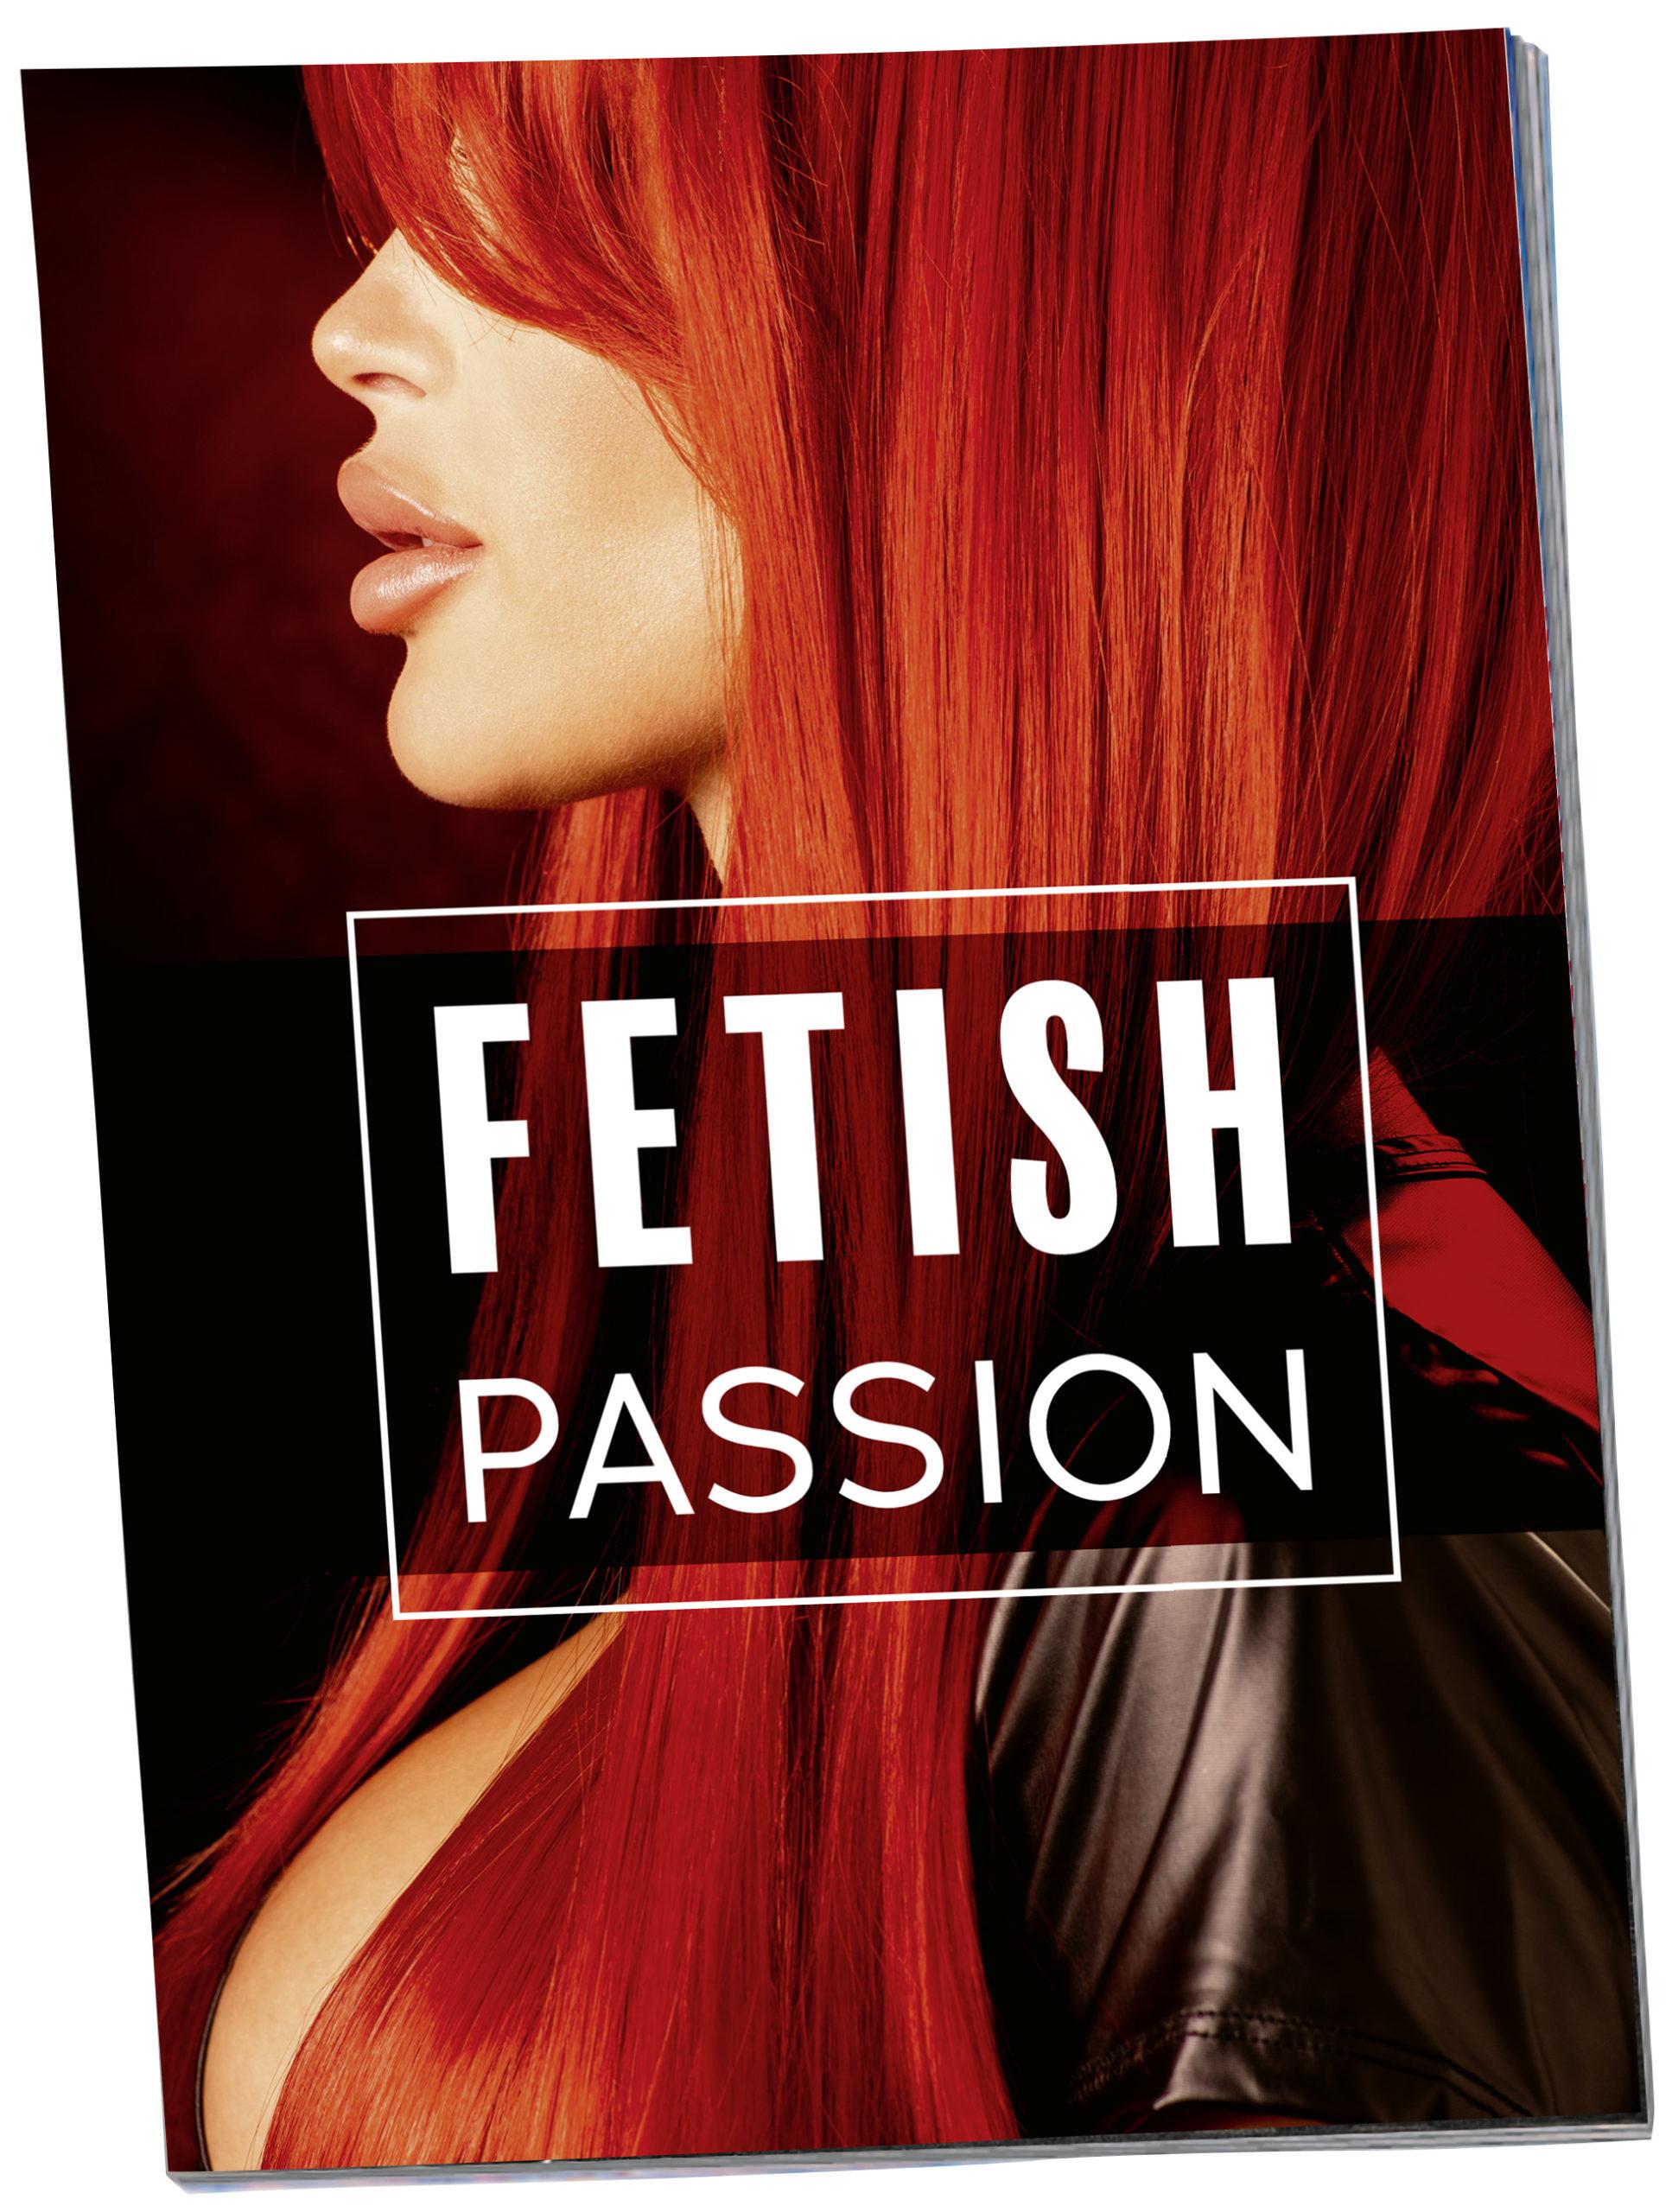 Fetish Passion – Neues Werbemittel vom ORION Großhandel